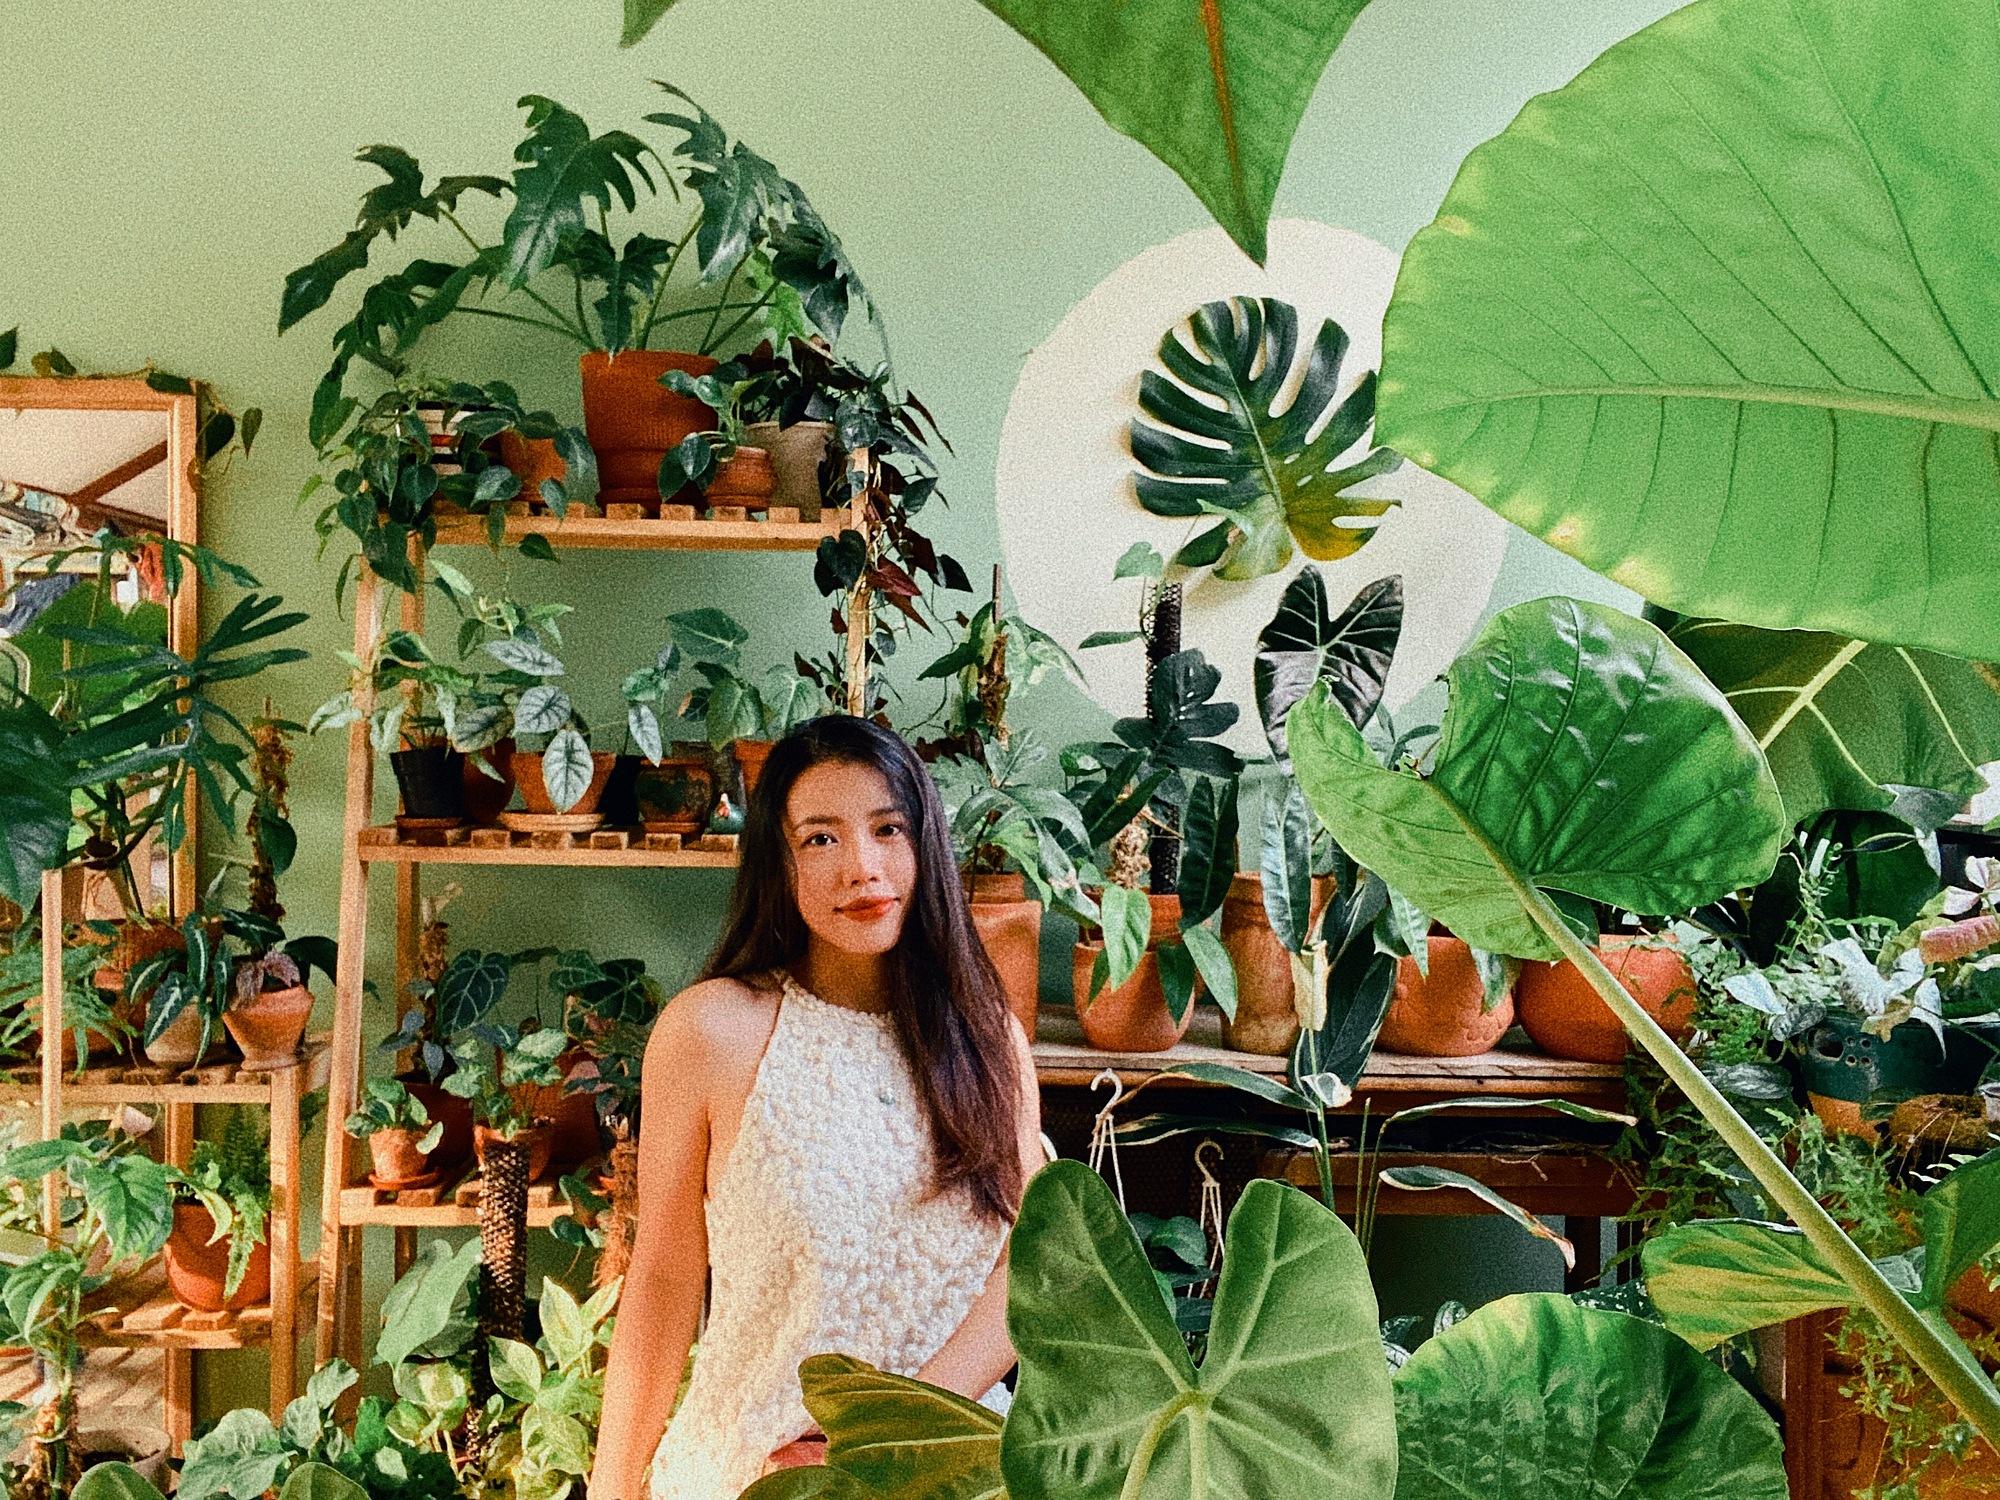 Nguyễn Ngọc ở Hà Nội cũng là người nghiện cây với hàng trăm loại trong nhà. Ảnh: NVCC